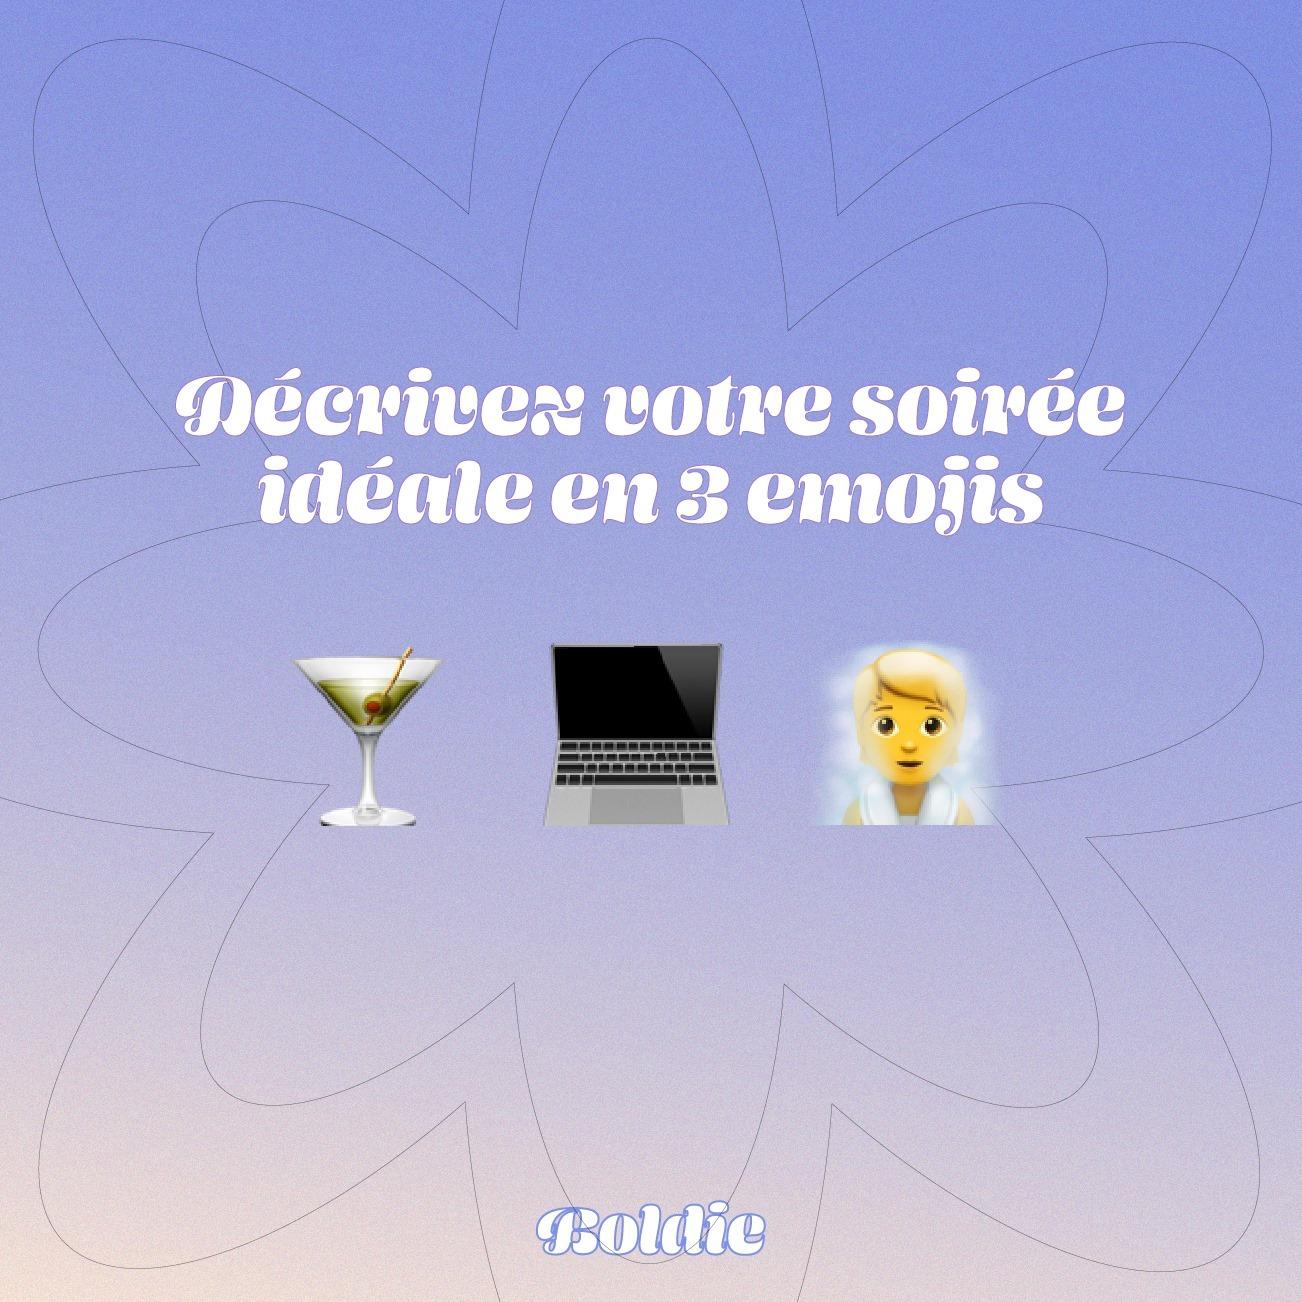 https://www.instagram.com/p/CVXRzs_qPUU/